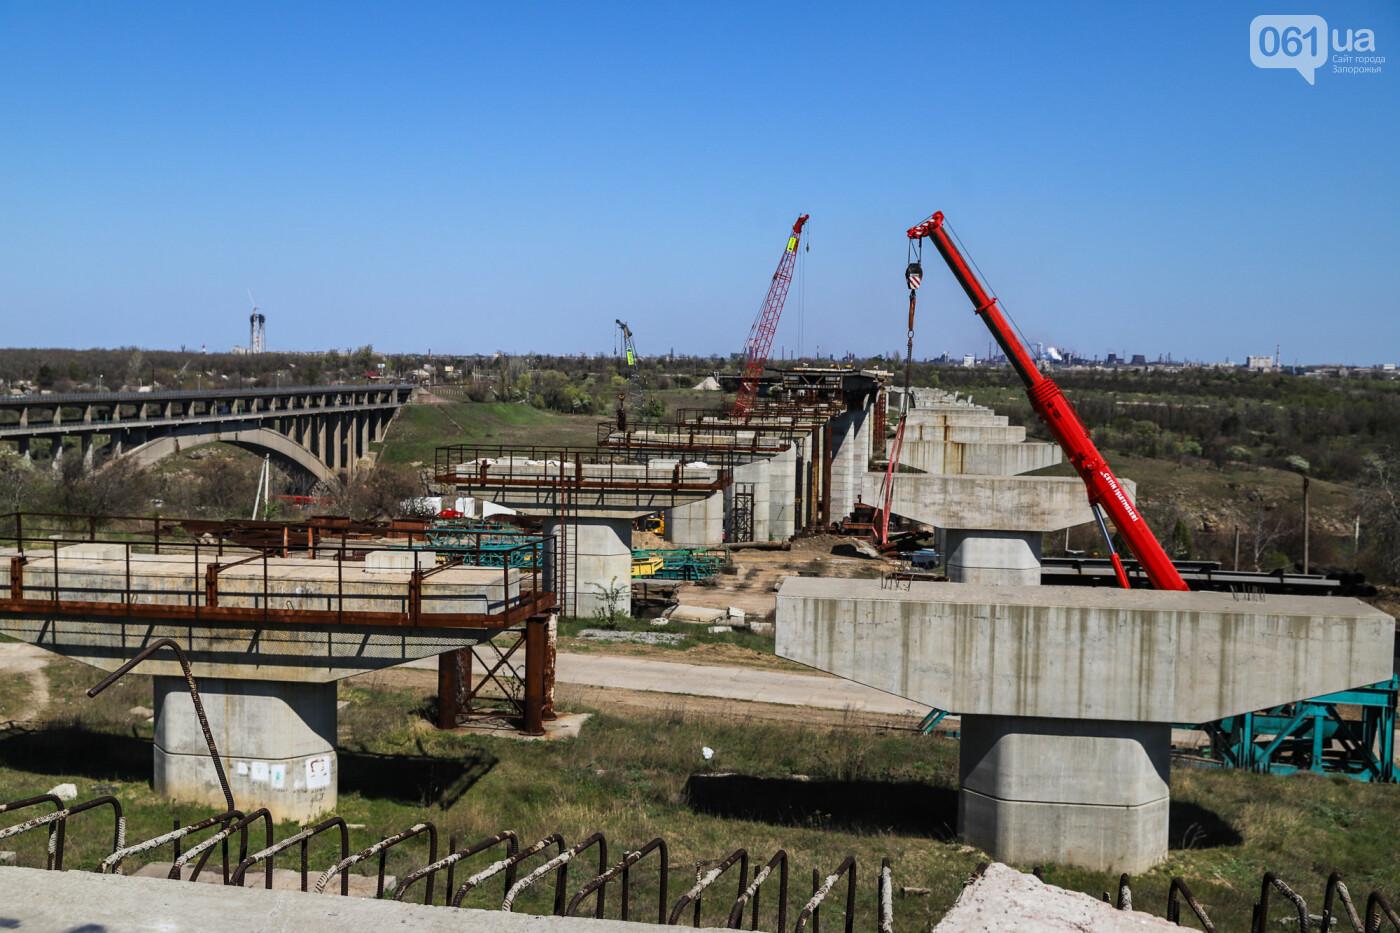 На запорожские мосты выделено 2,7 миллиарда: что сейчас проиходит стройплощадке, - ФОТОРЕПОРТАЖ, фото-17